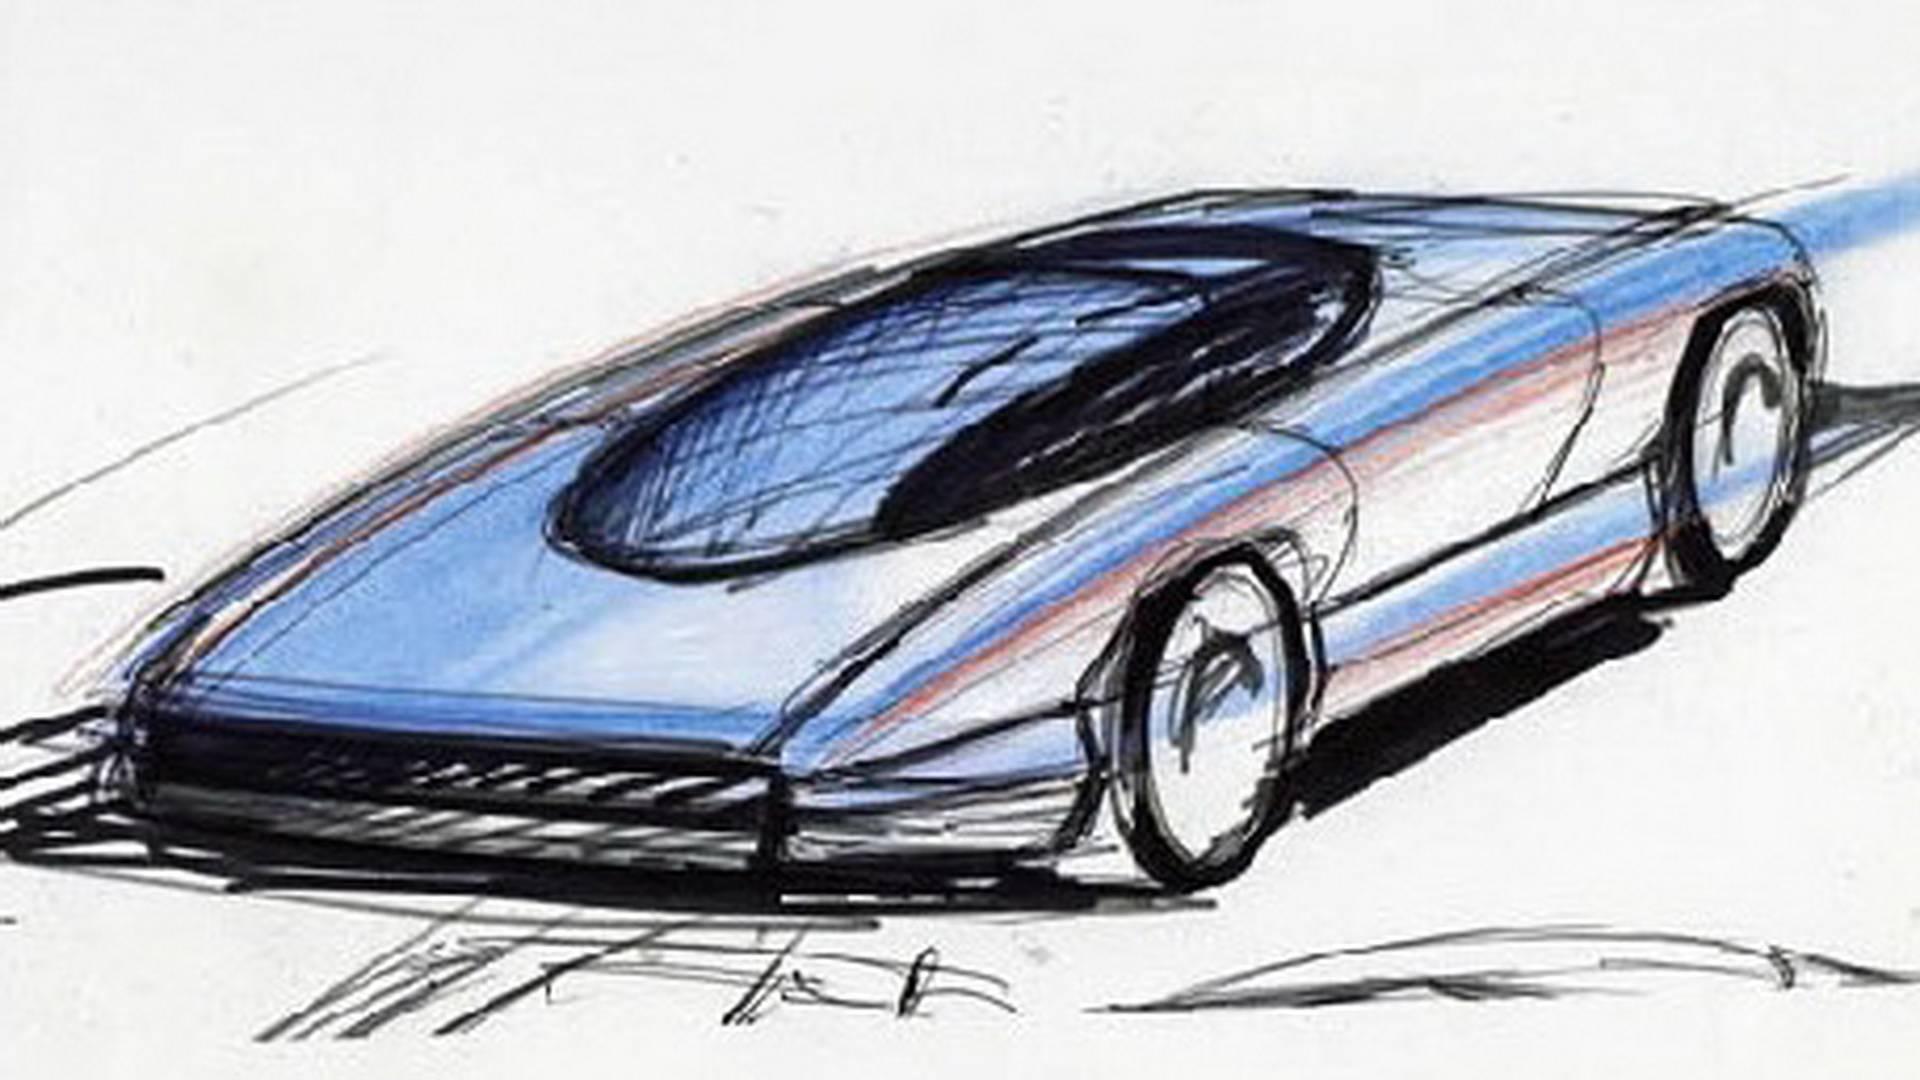 1990 Bertone Nivola concept sketch